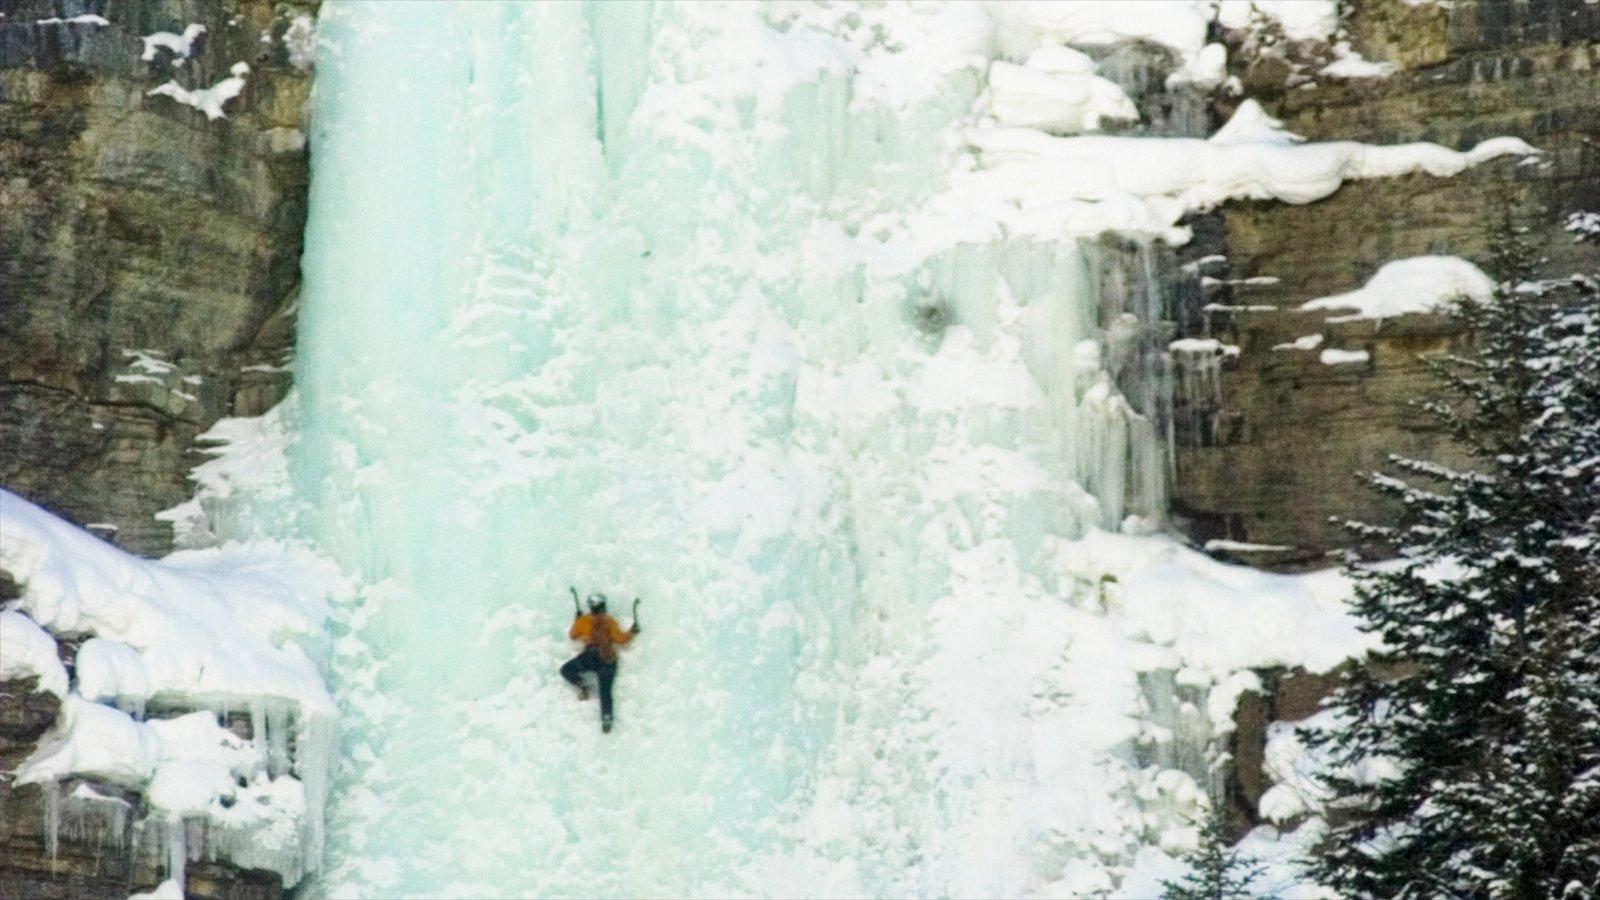 Vail - Beaver Creek caracterizando escalada, neve e montanhas